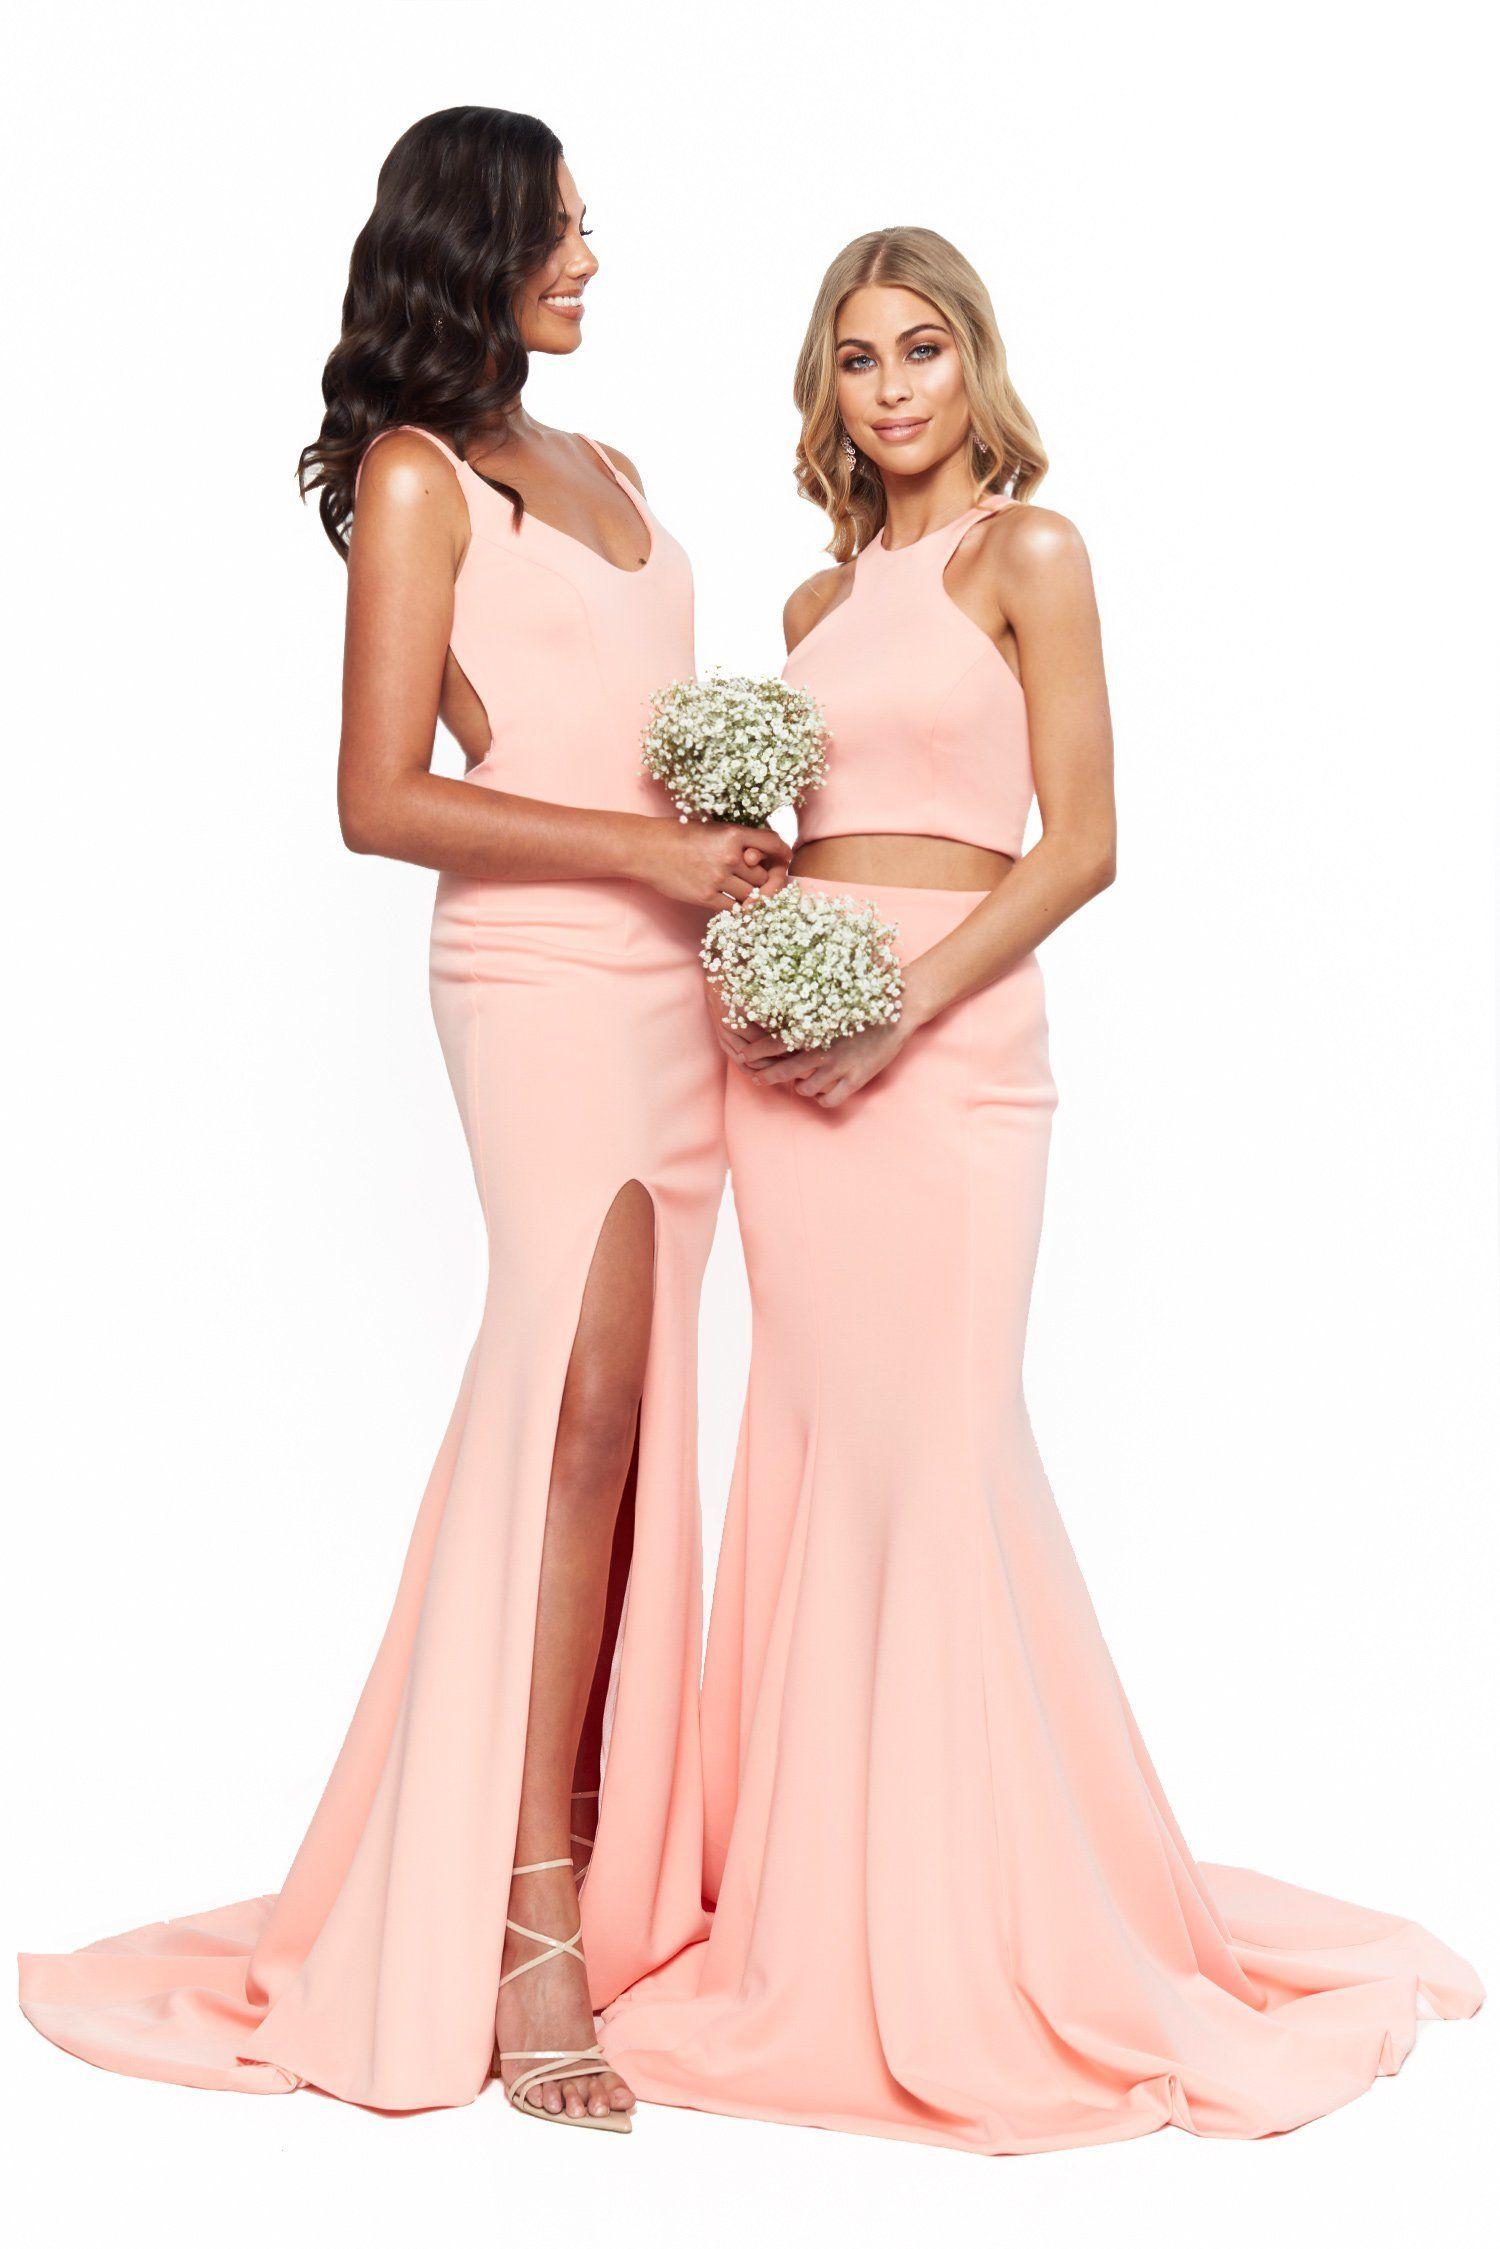 A&N Bridesmaids Delilah Two Piece Peach Peach